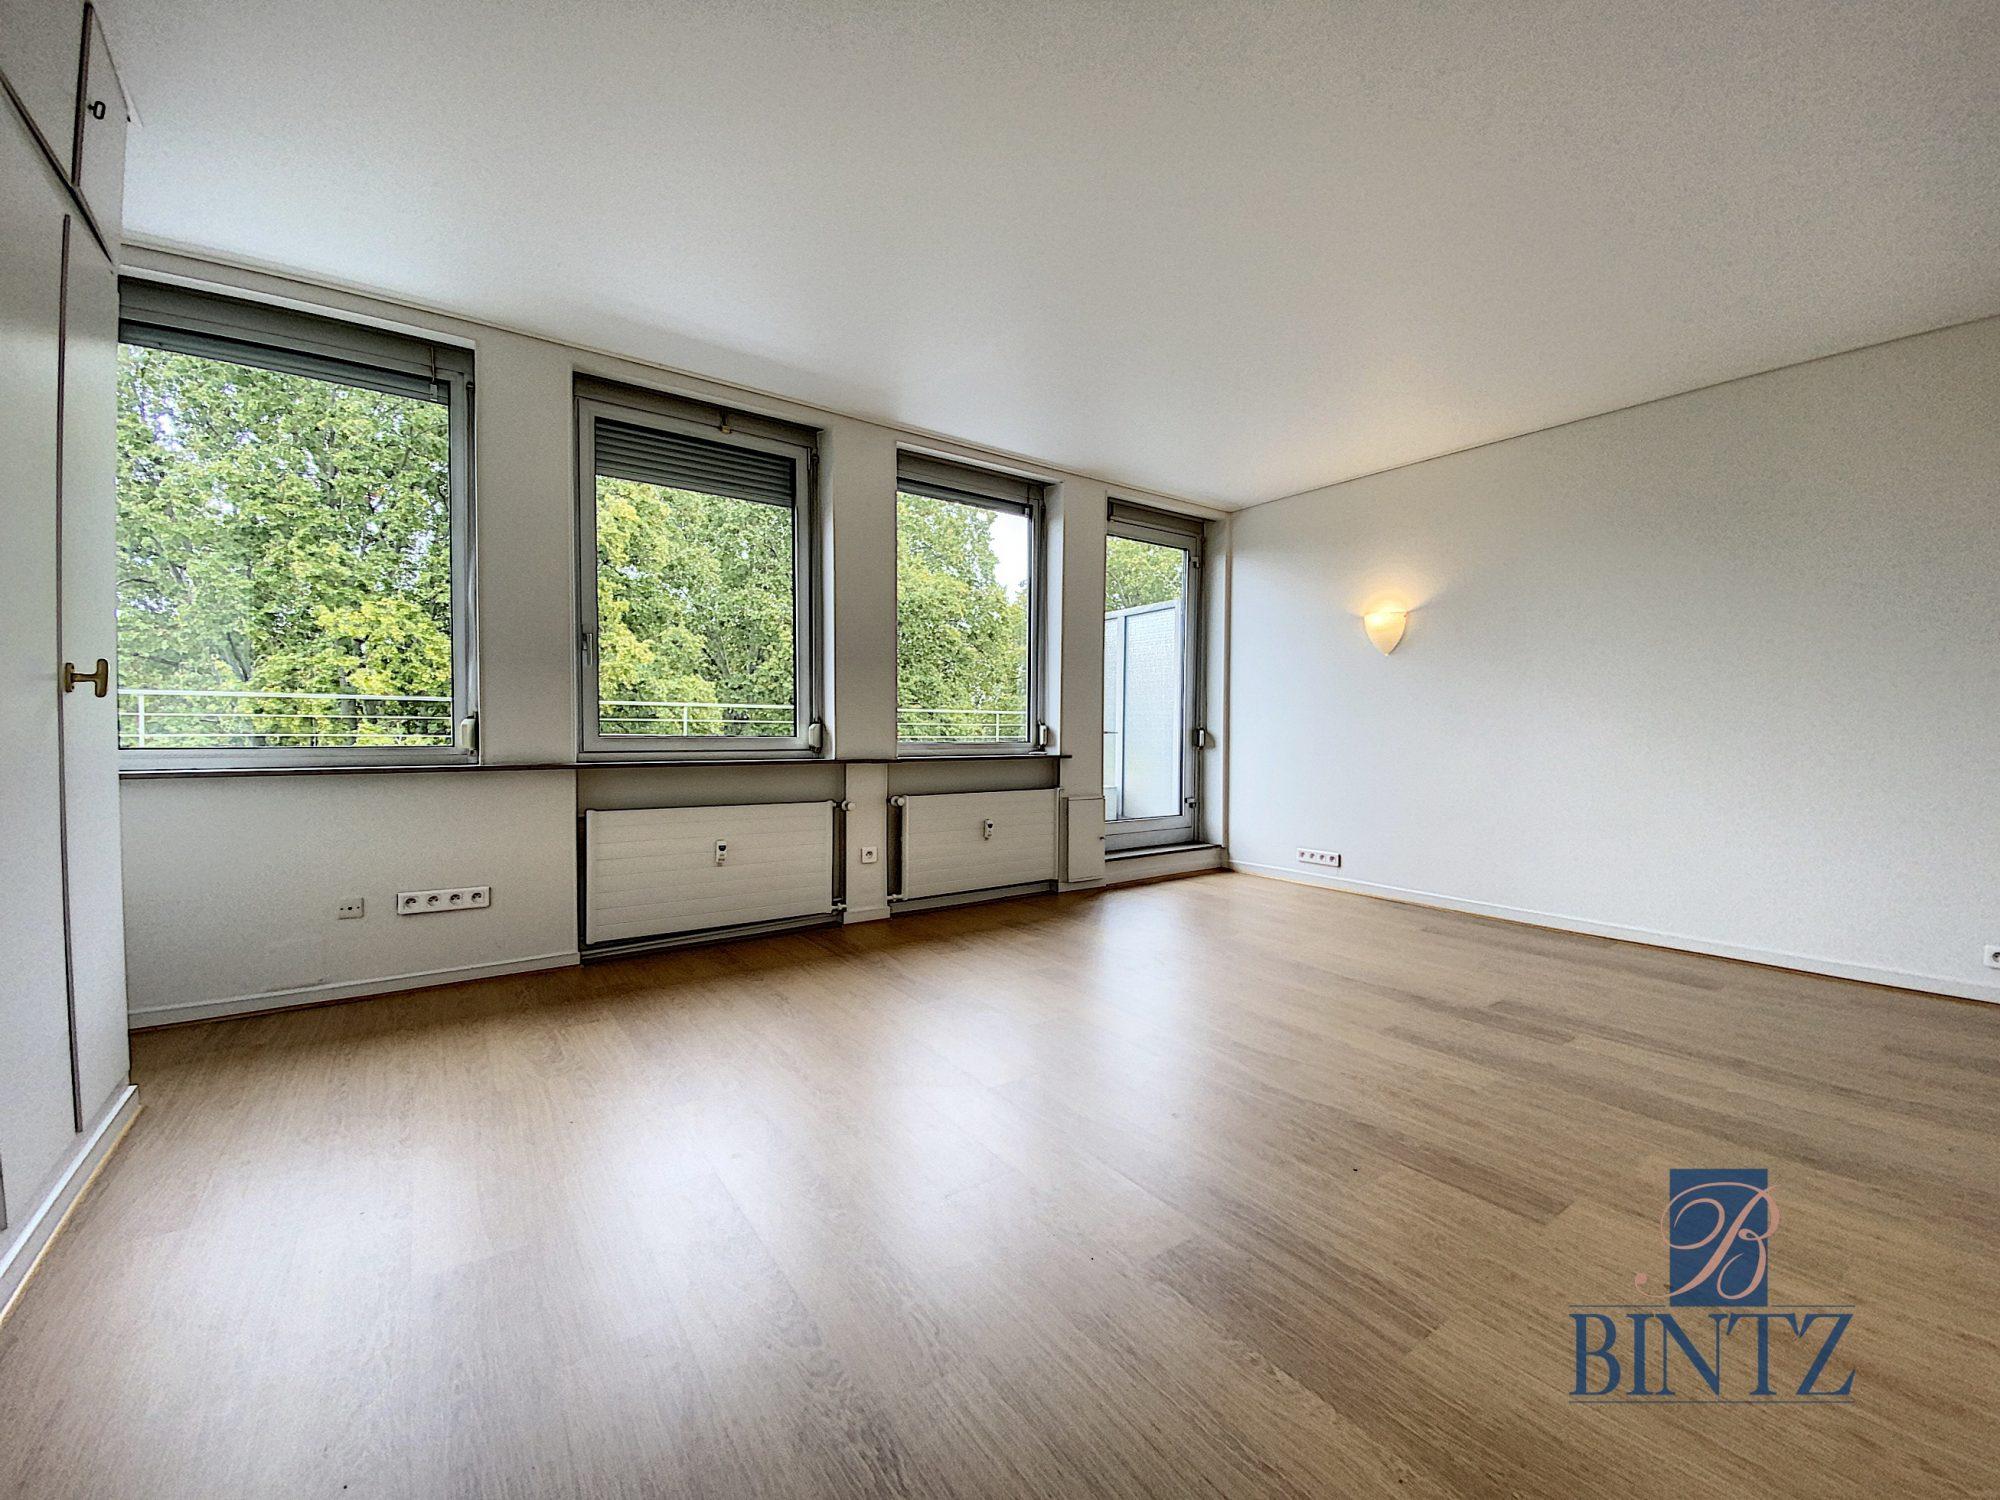 5 PIÈCES QUARTIER CONTADES - Devenez locataire en toute sérénité - Bintz Immobilier - 13